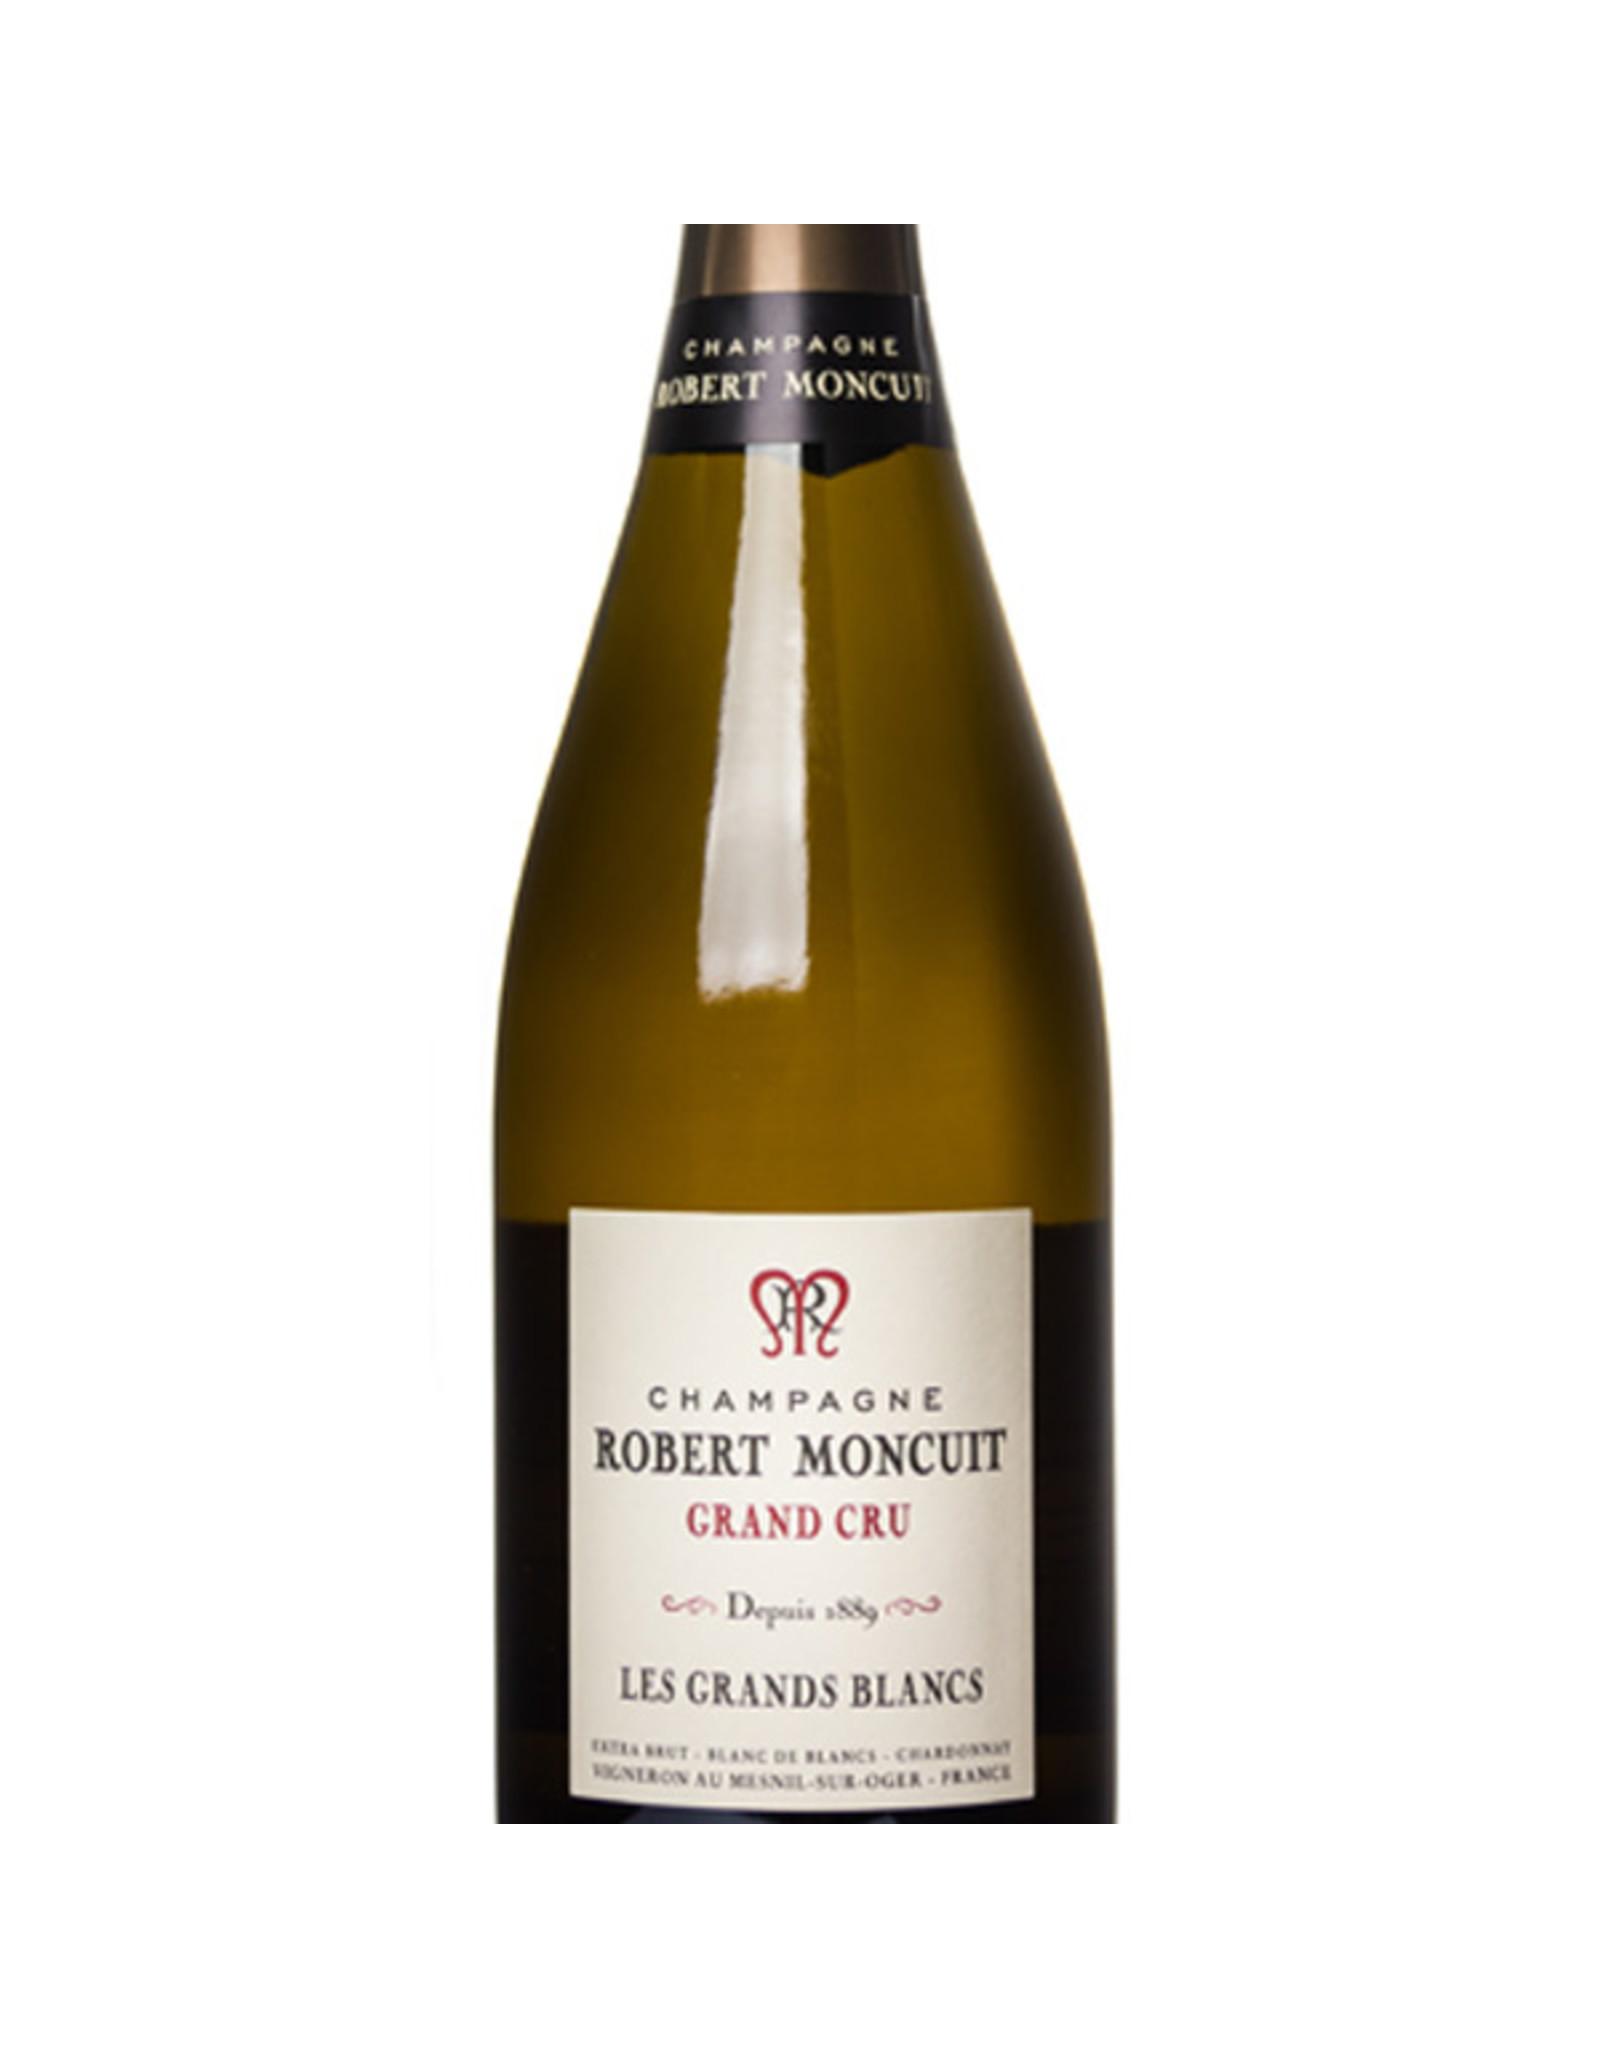 Champagne Robert Moncuit, Le Mesnil-sur-Oger Robert Moncuit Grands Blancs magnum